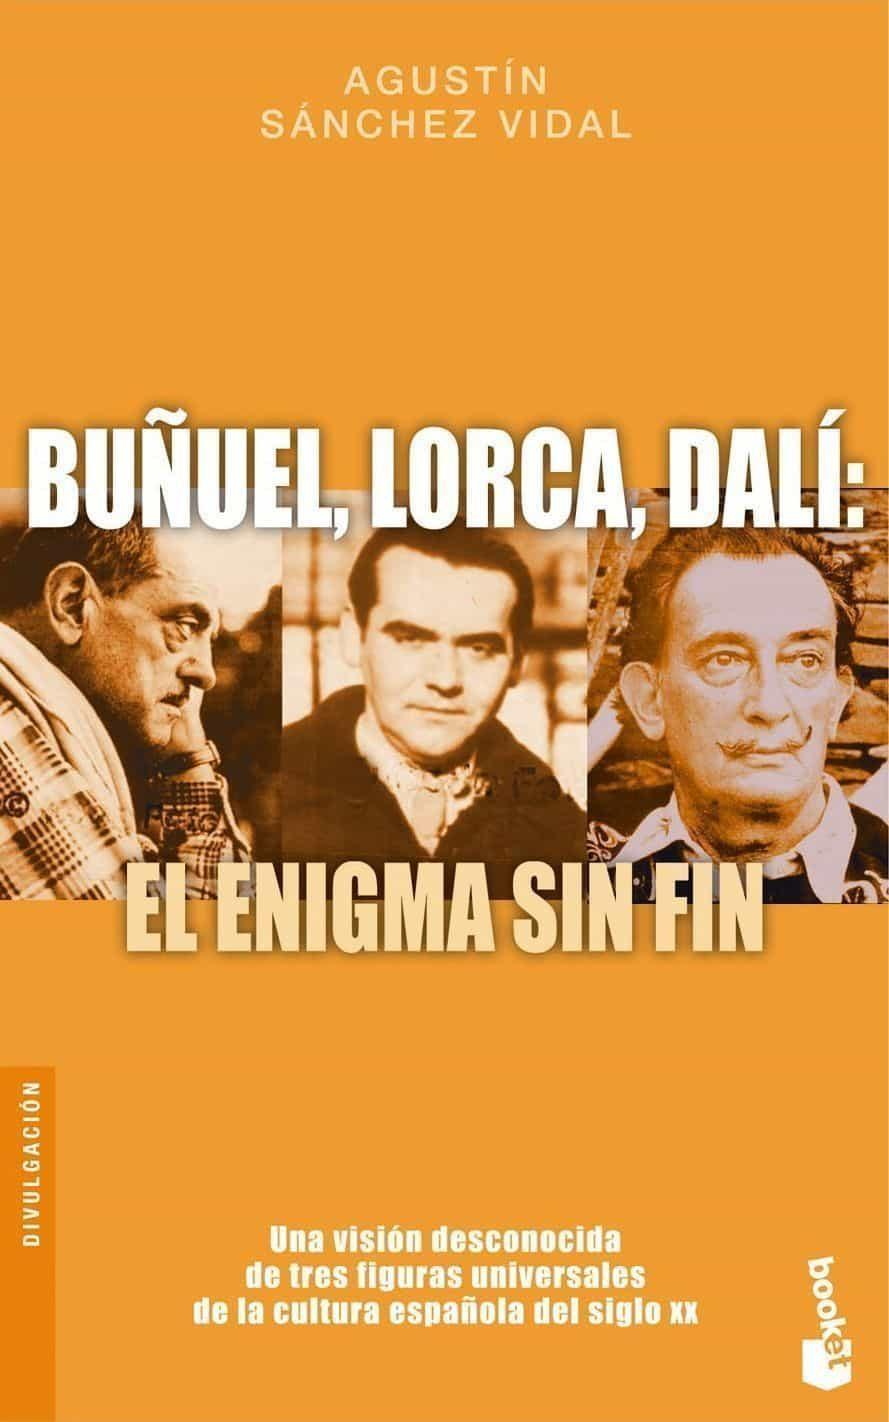 Buñuel, Lorca, Dali: El Enigma Sin Fin por Agustin Sanchez Vidal